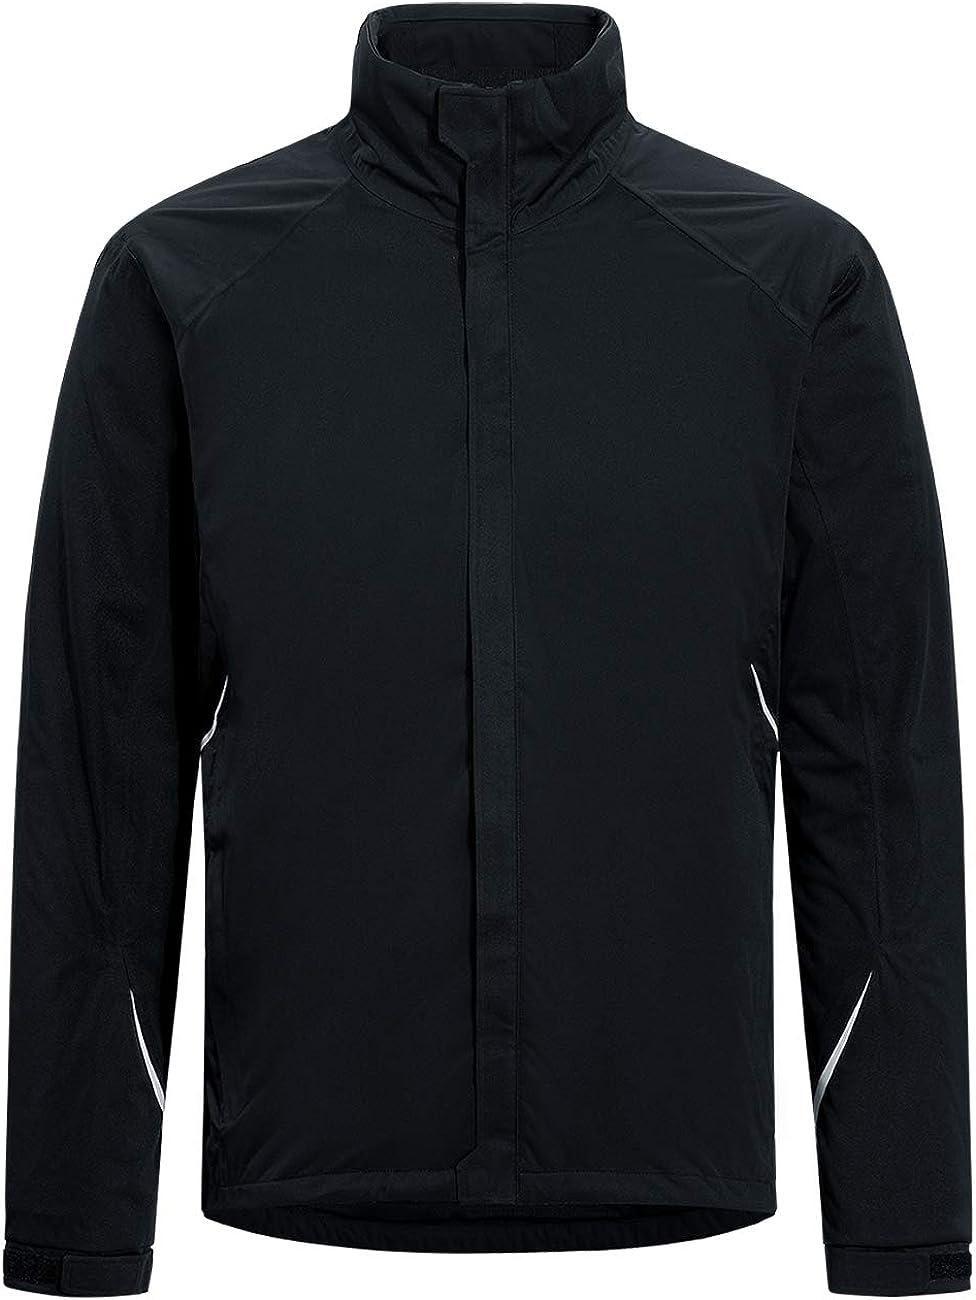 online shopping PRO Golf Rain Under blast sales Jacket for Waterproof Windp Breathable Men Women